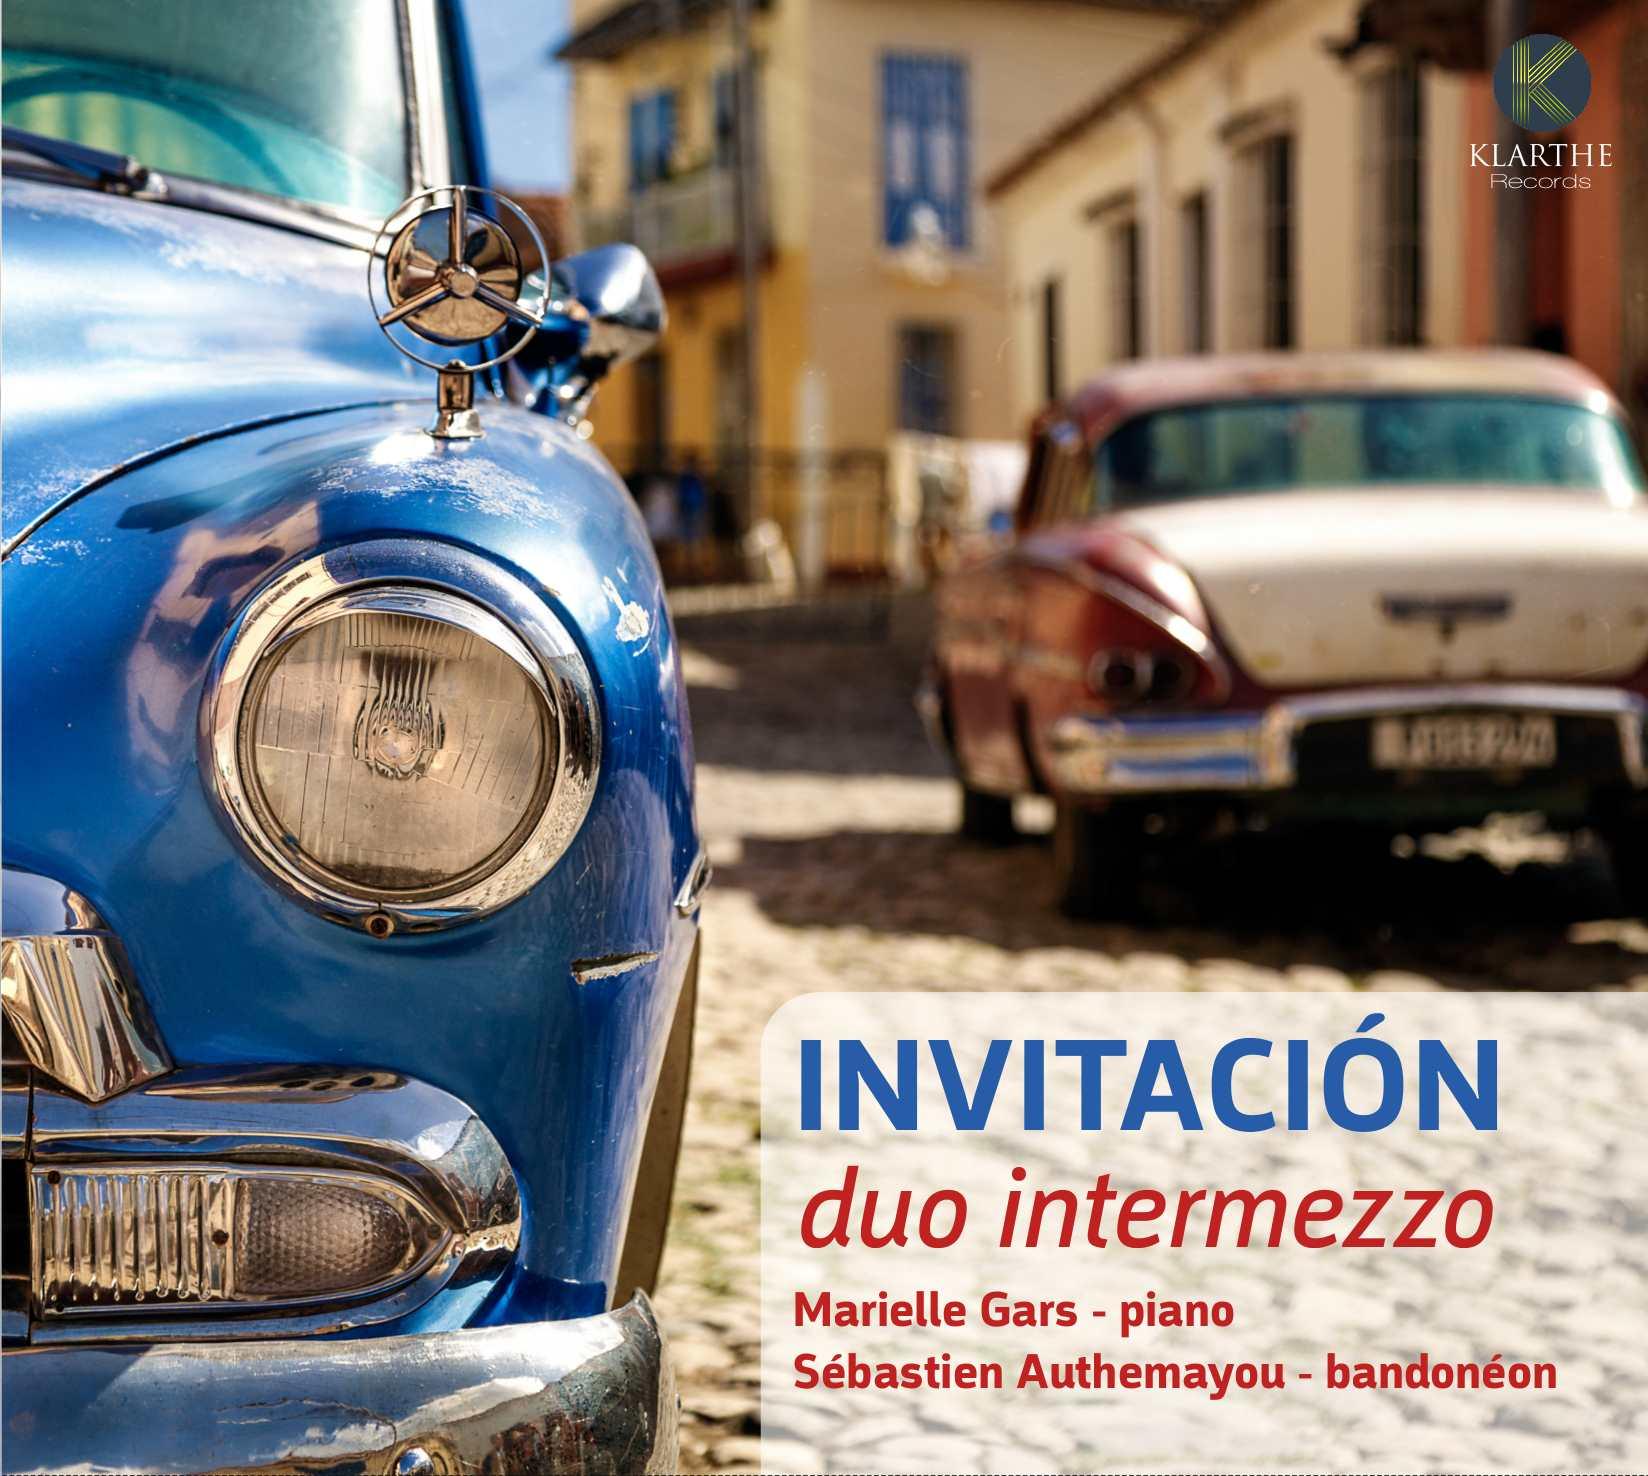 Klarthe invitacion duo intermezzo cd klarthe critique compte rendu classiquenews clic de classiquenews octobre 2017 kla048couv_low